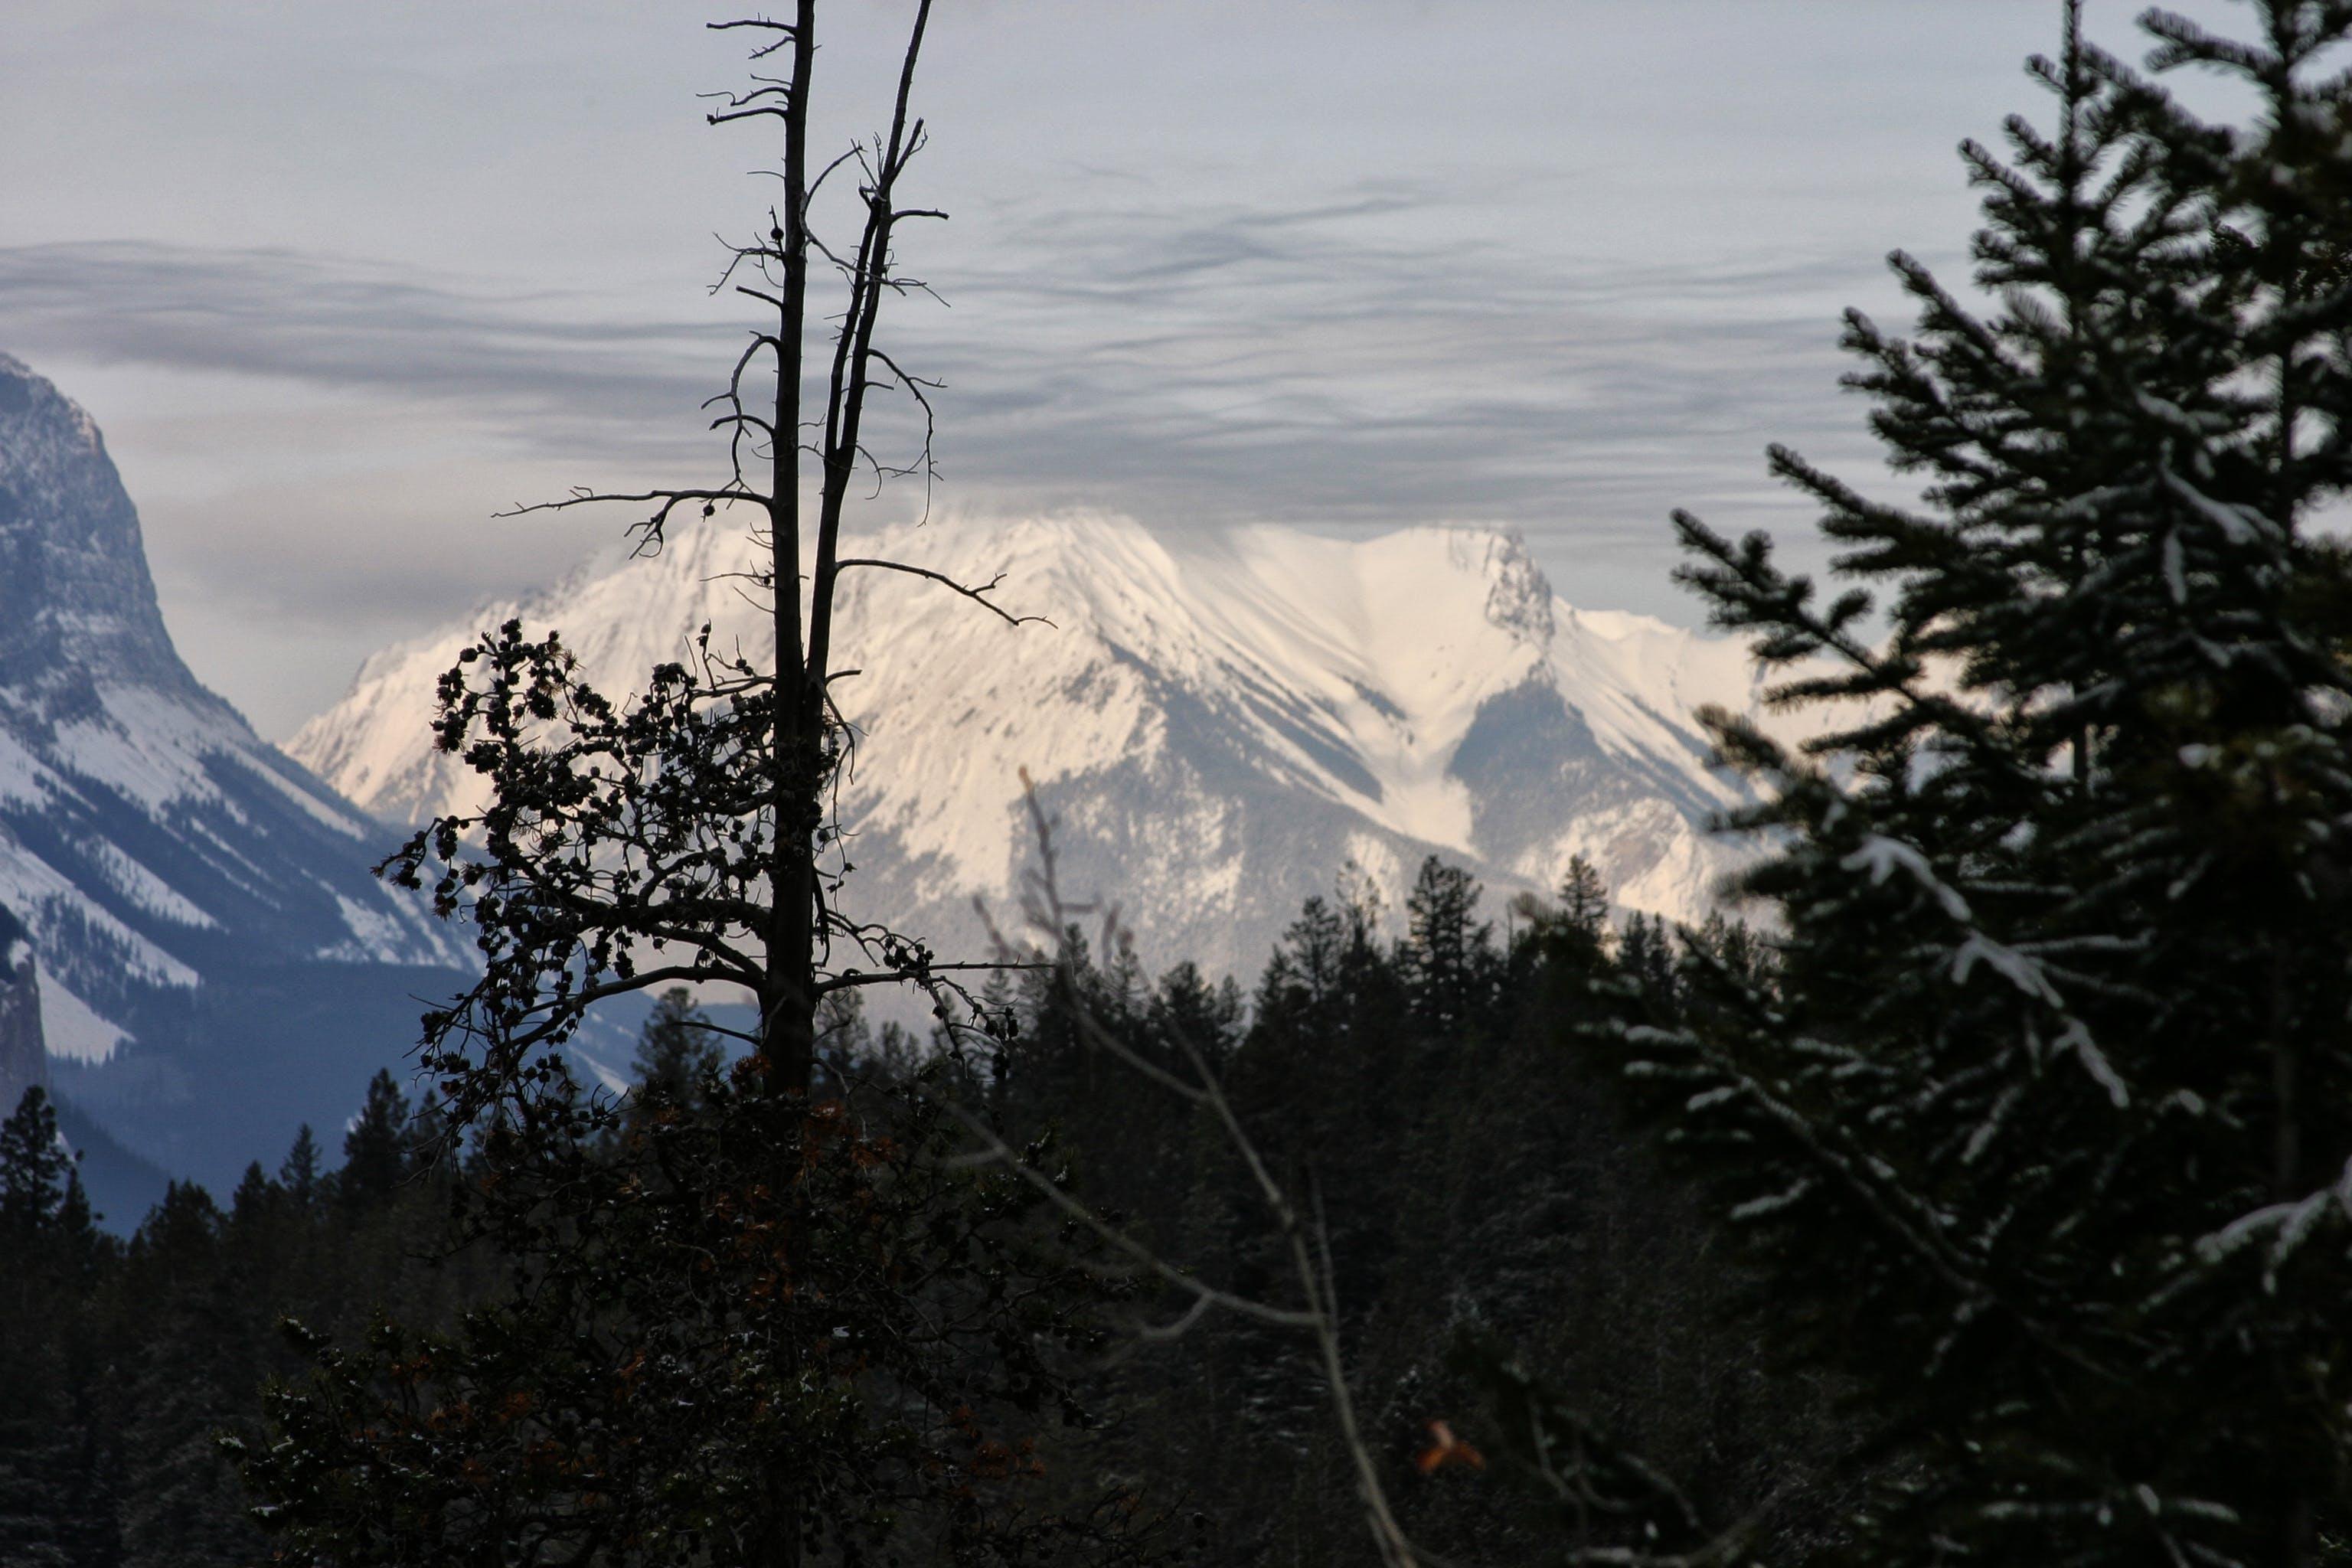 Free stock photo of mountain, silhouette, snow, trees